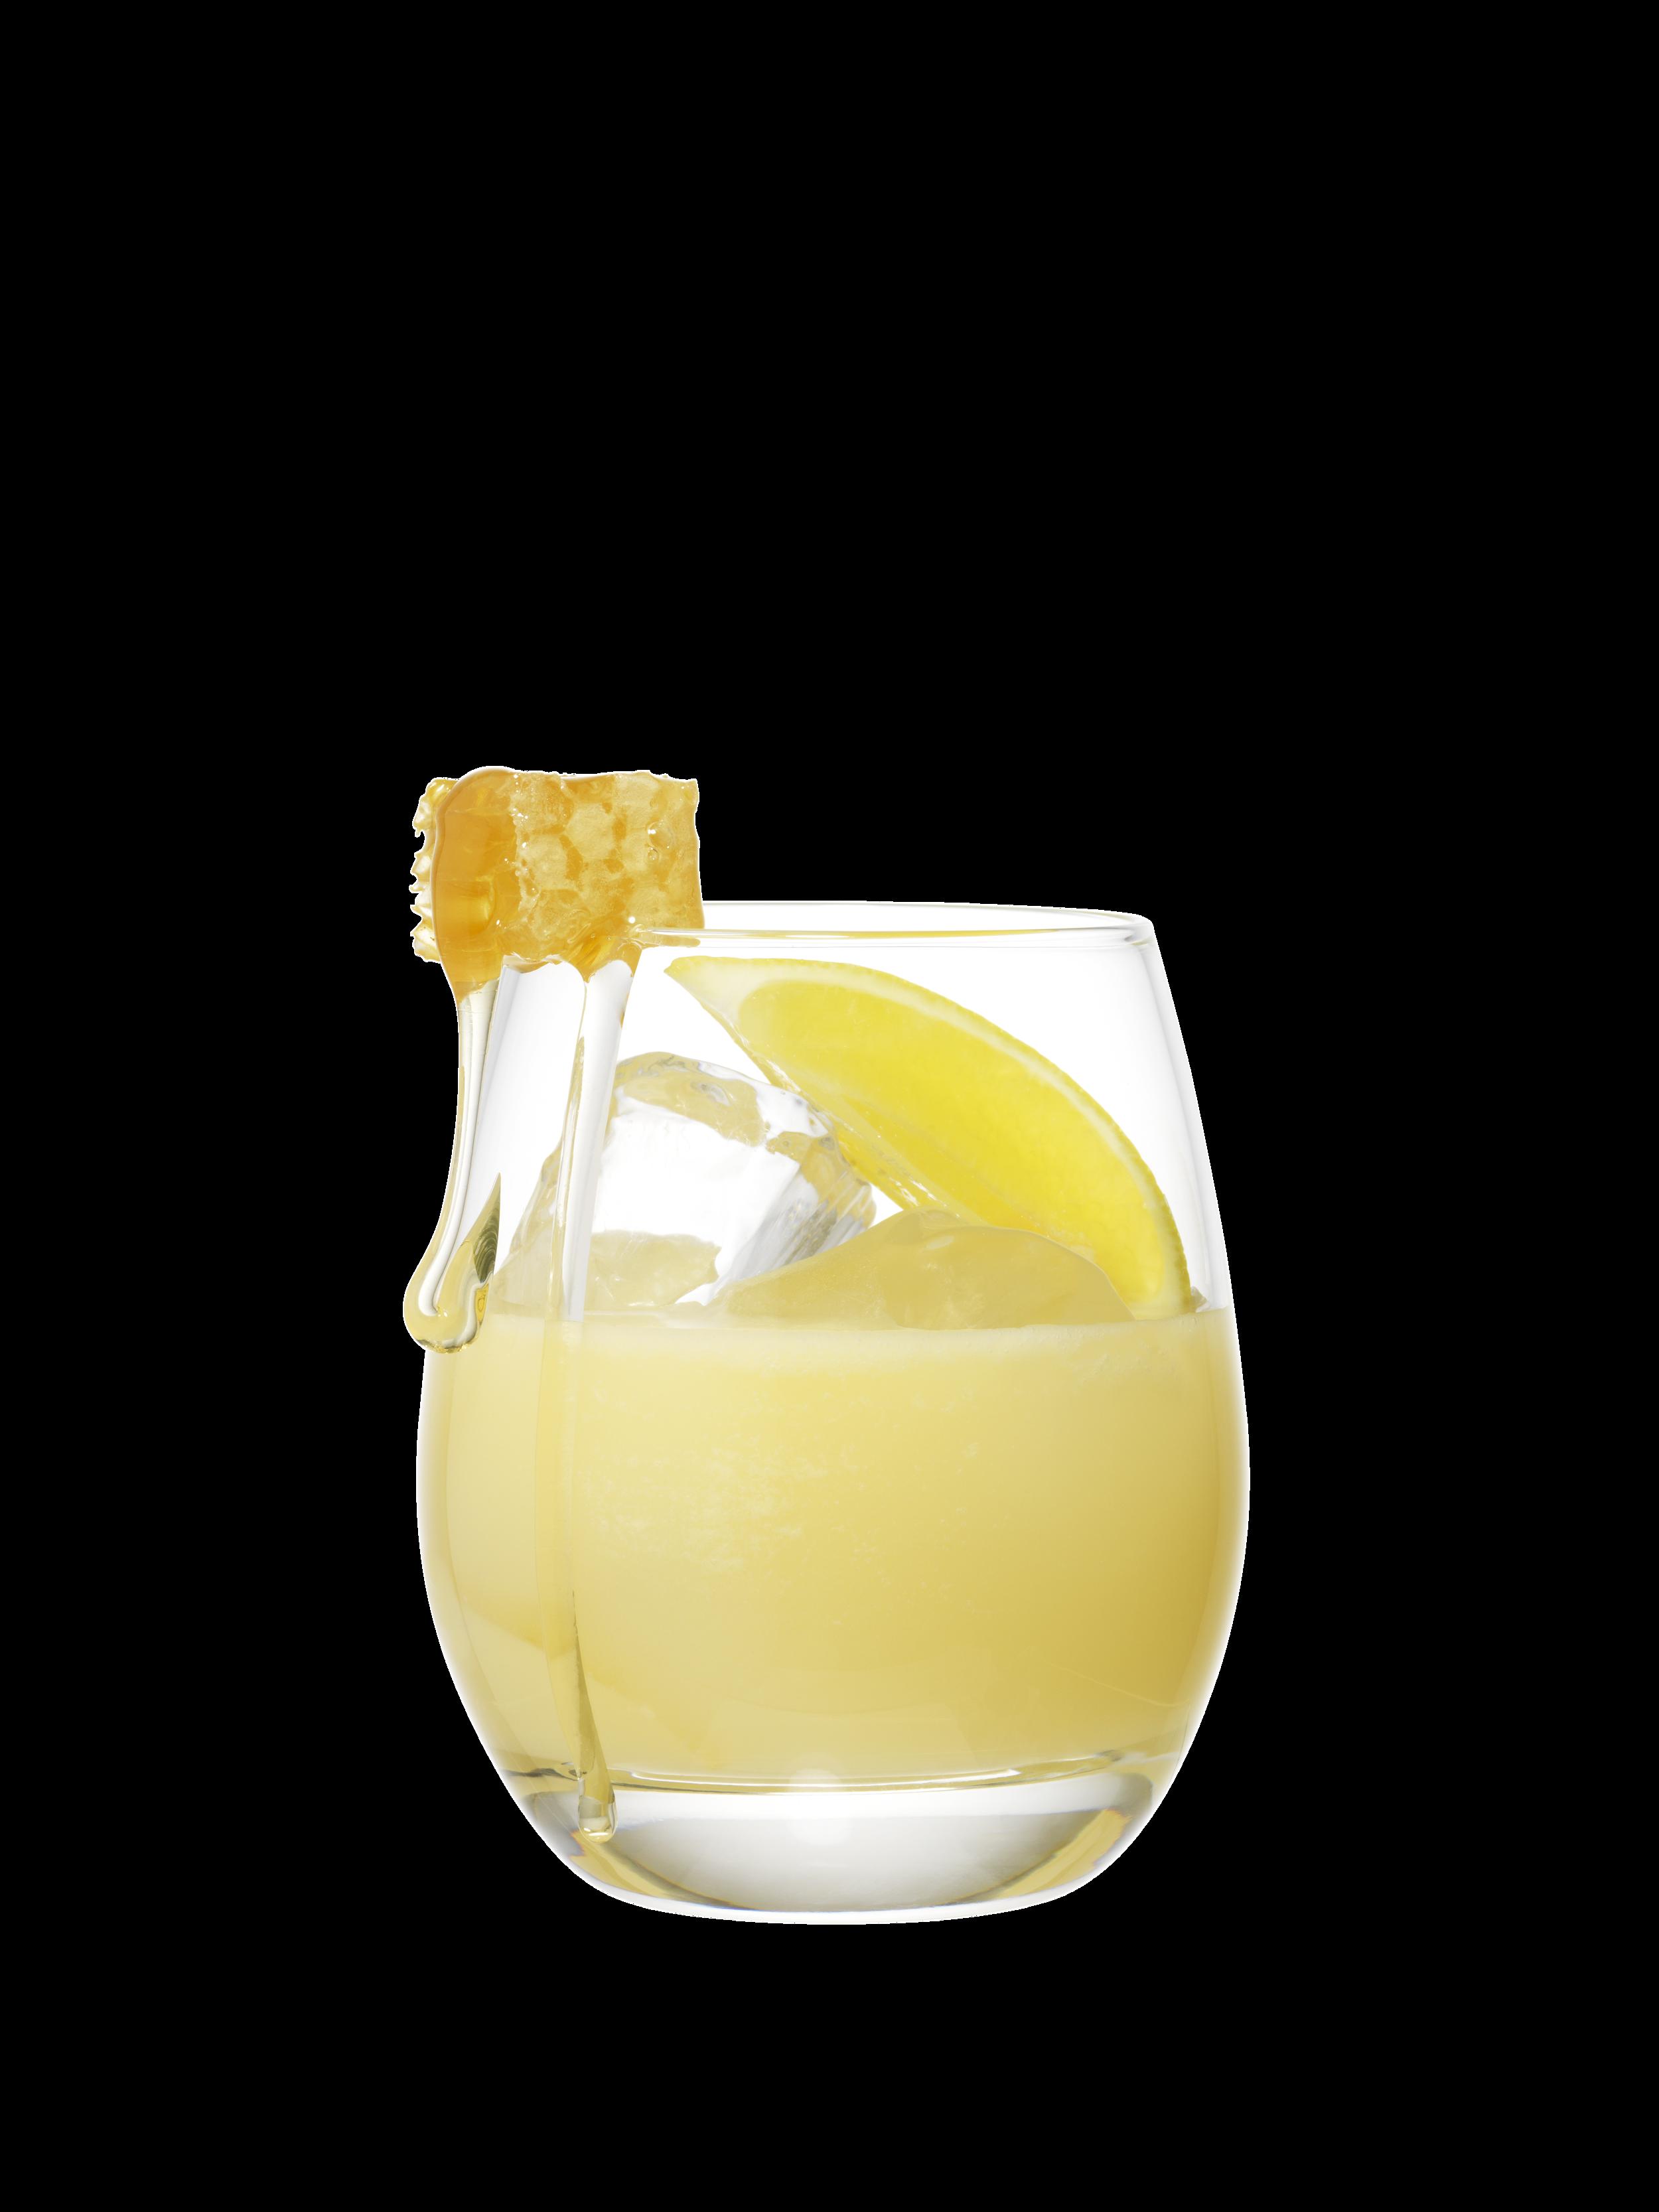 The Sacred Bee - 50ml Dead King Gin15ml Lemon Juice2tsp Lemon Curd1tsp Orange Blossom Honey